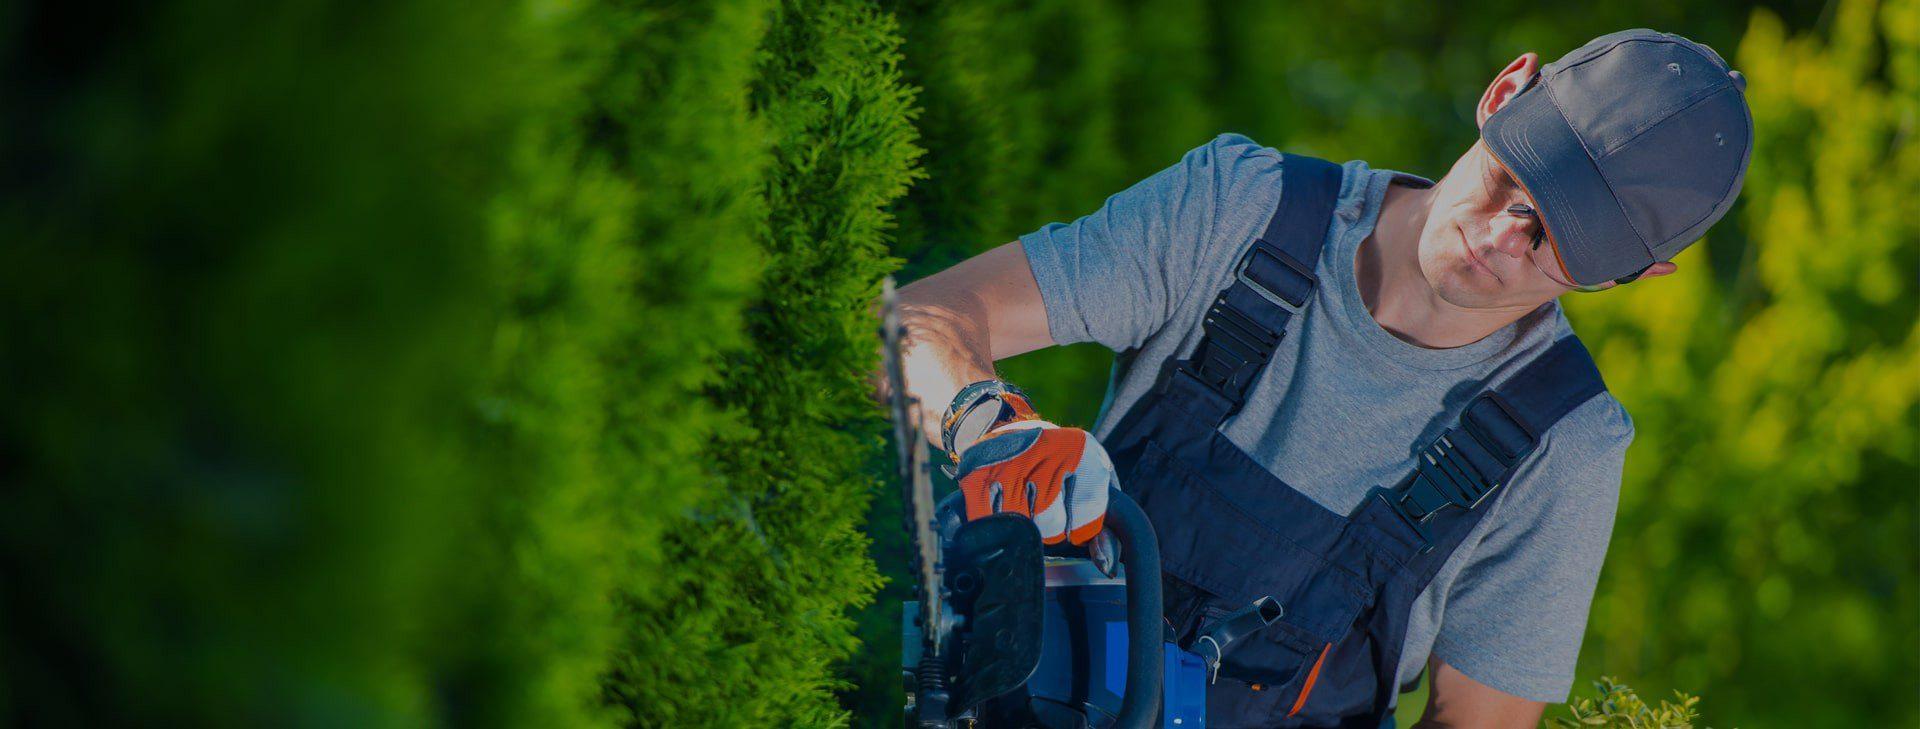 تمیزی درختان و چمن مکان شما<br /> با بهترین تجهیزات روز